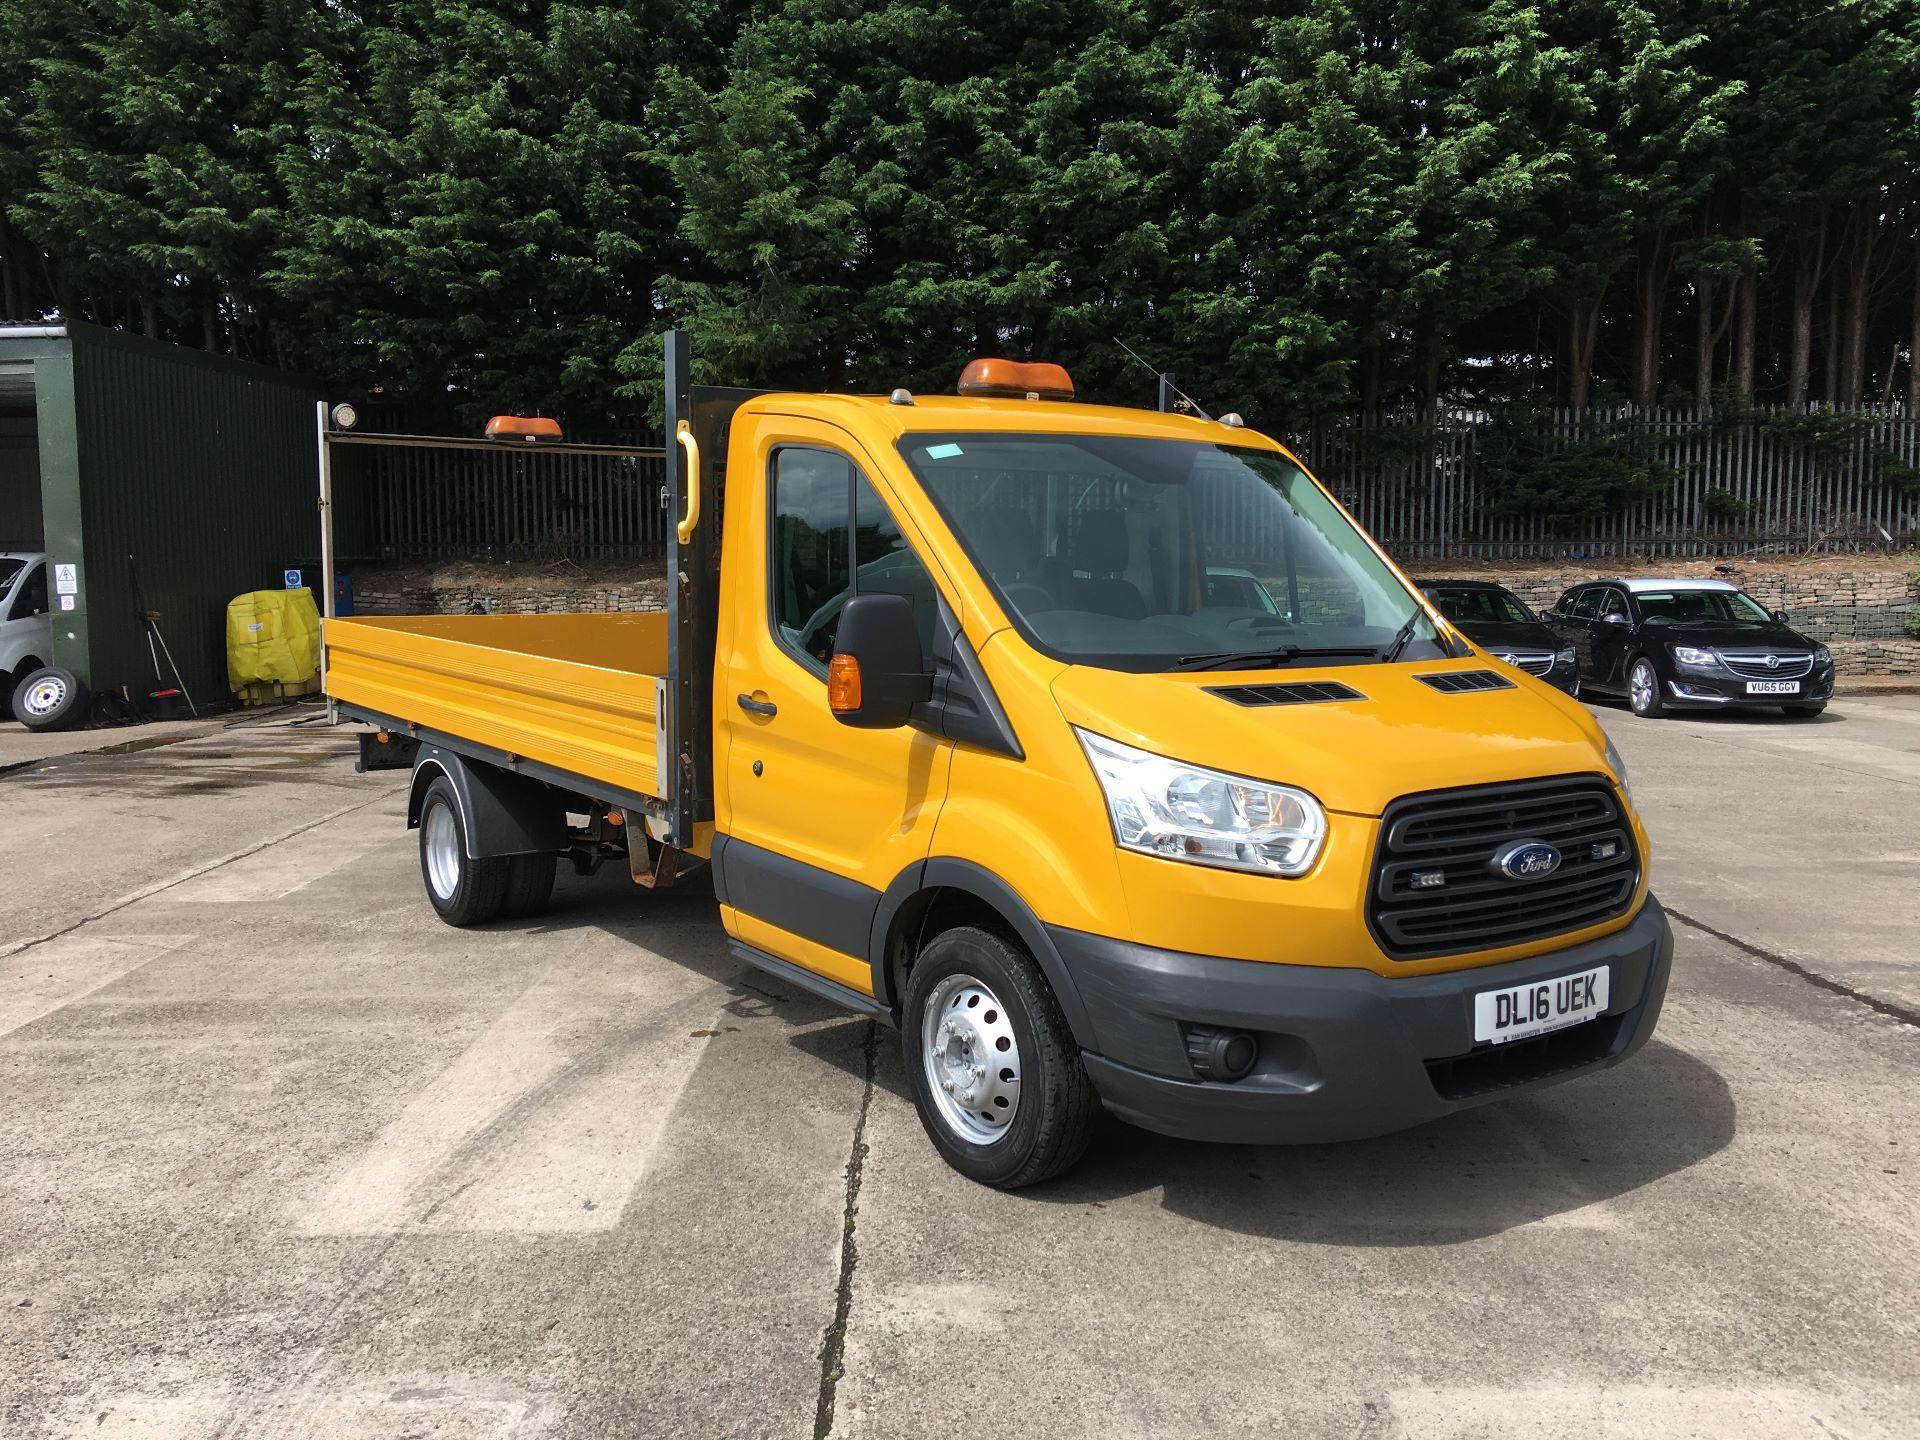 2016 Ford Transit 350 L3 RWD 2.2 TDCI 125PS DROPSIDE EURO5 (DL16UEK)